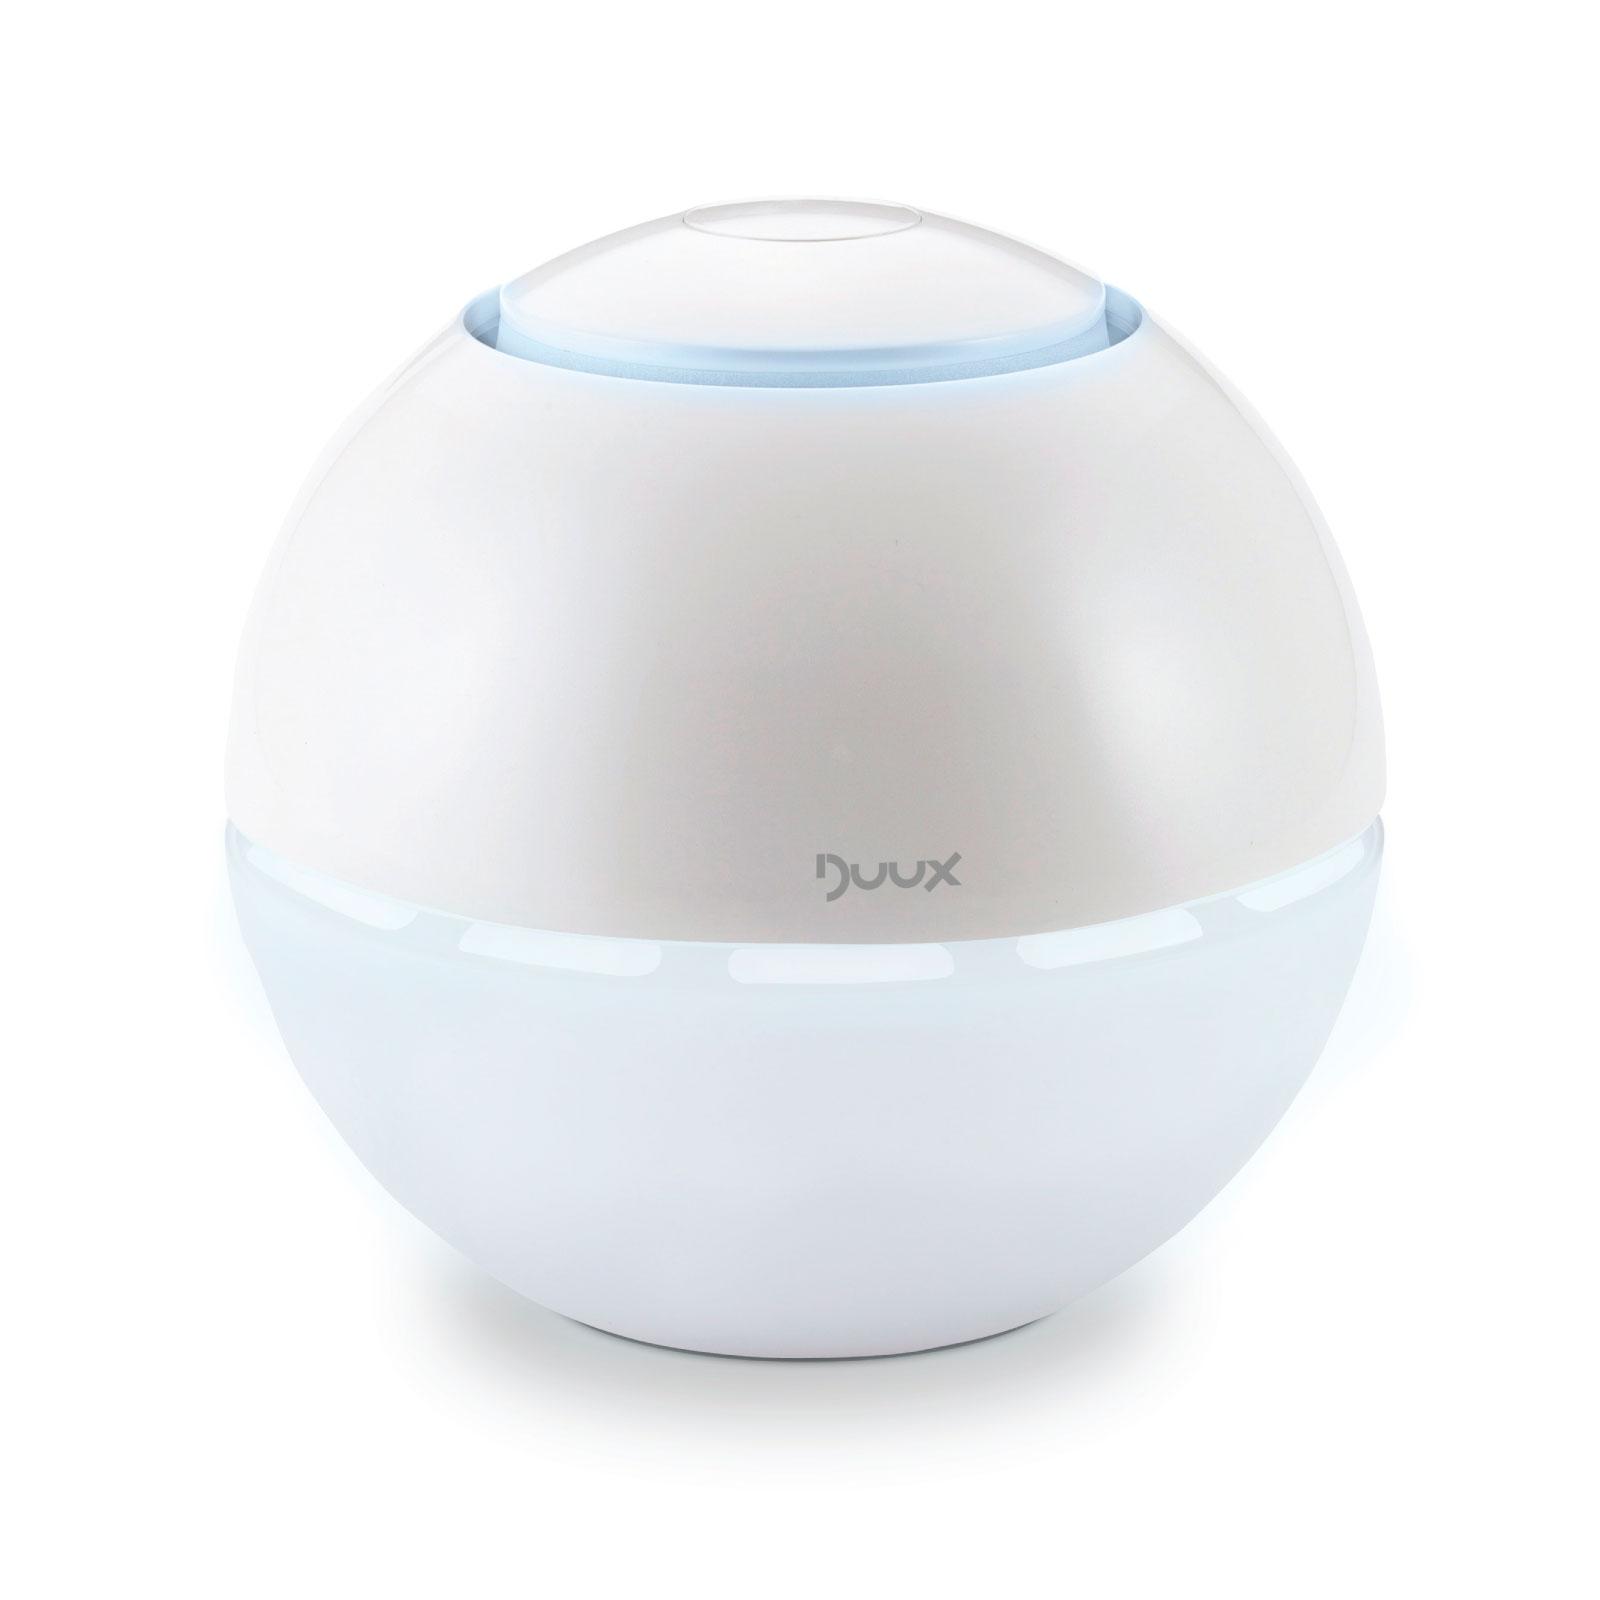 Увлажнитель Duux с ионизатором воздуха и ночником DUAH04 (ультразвуковой)